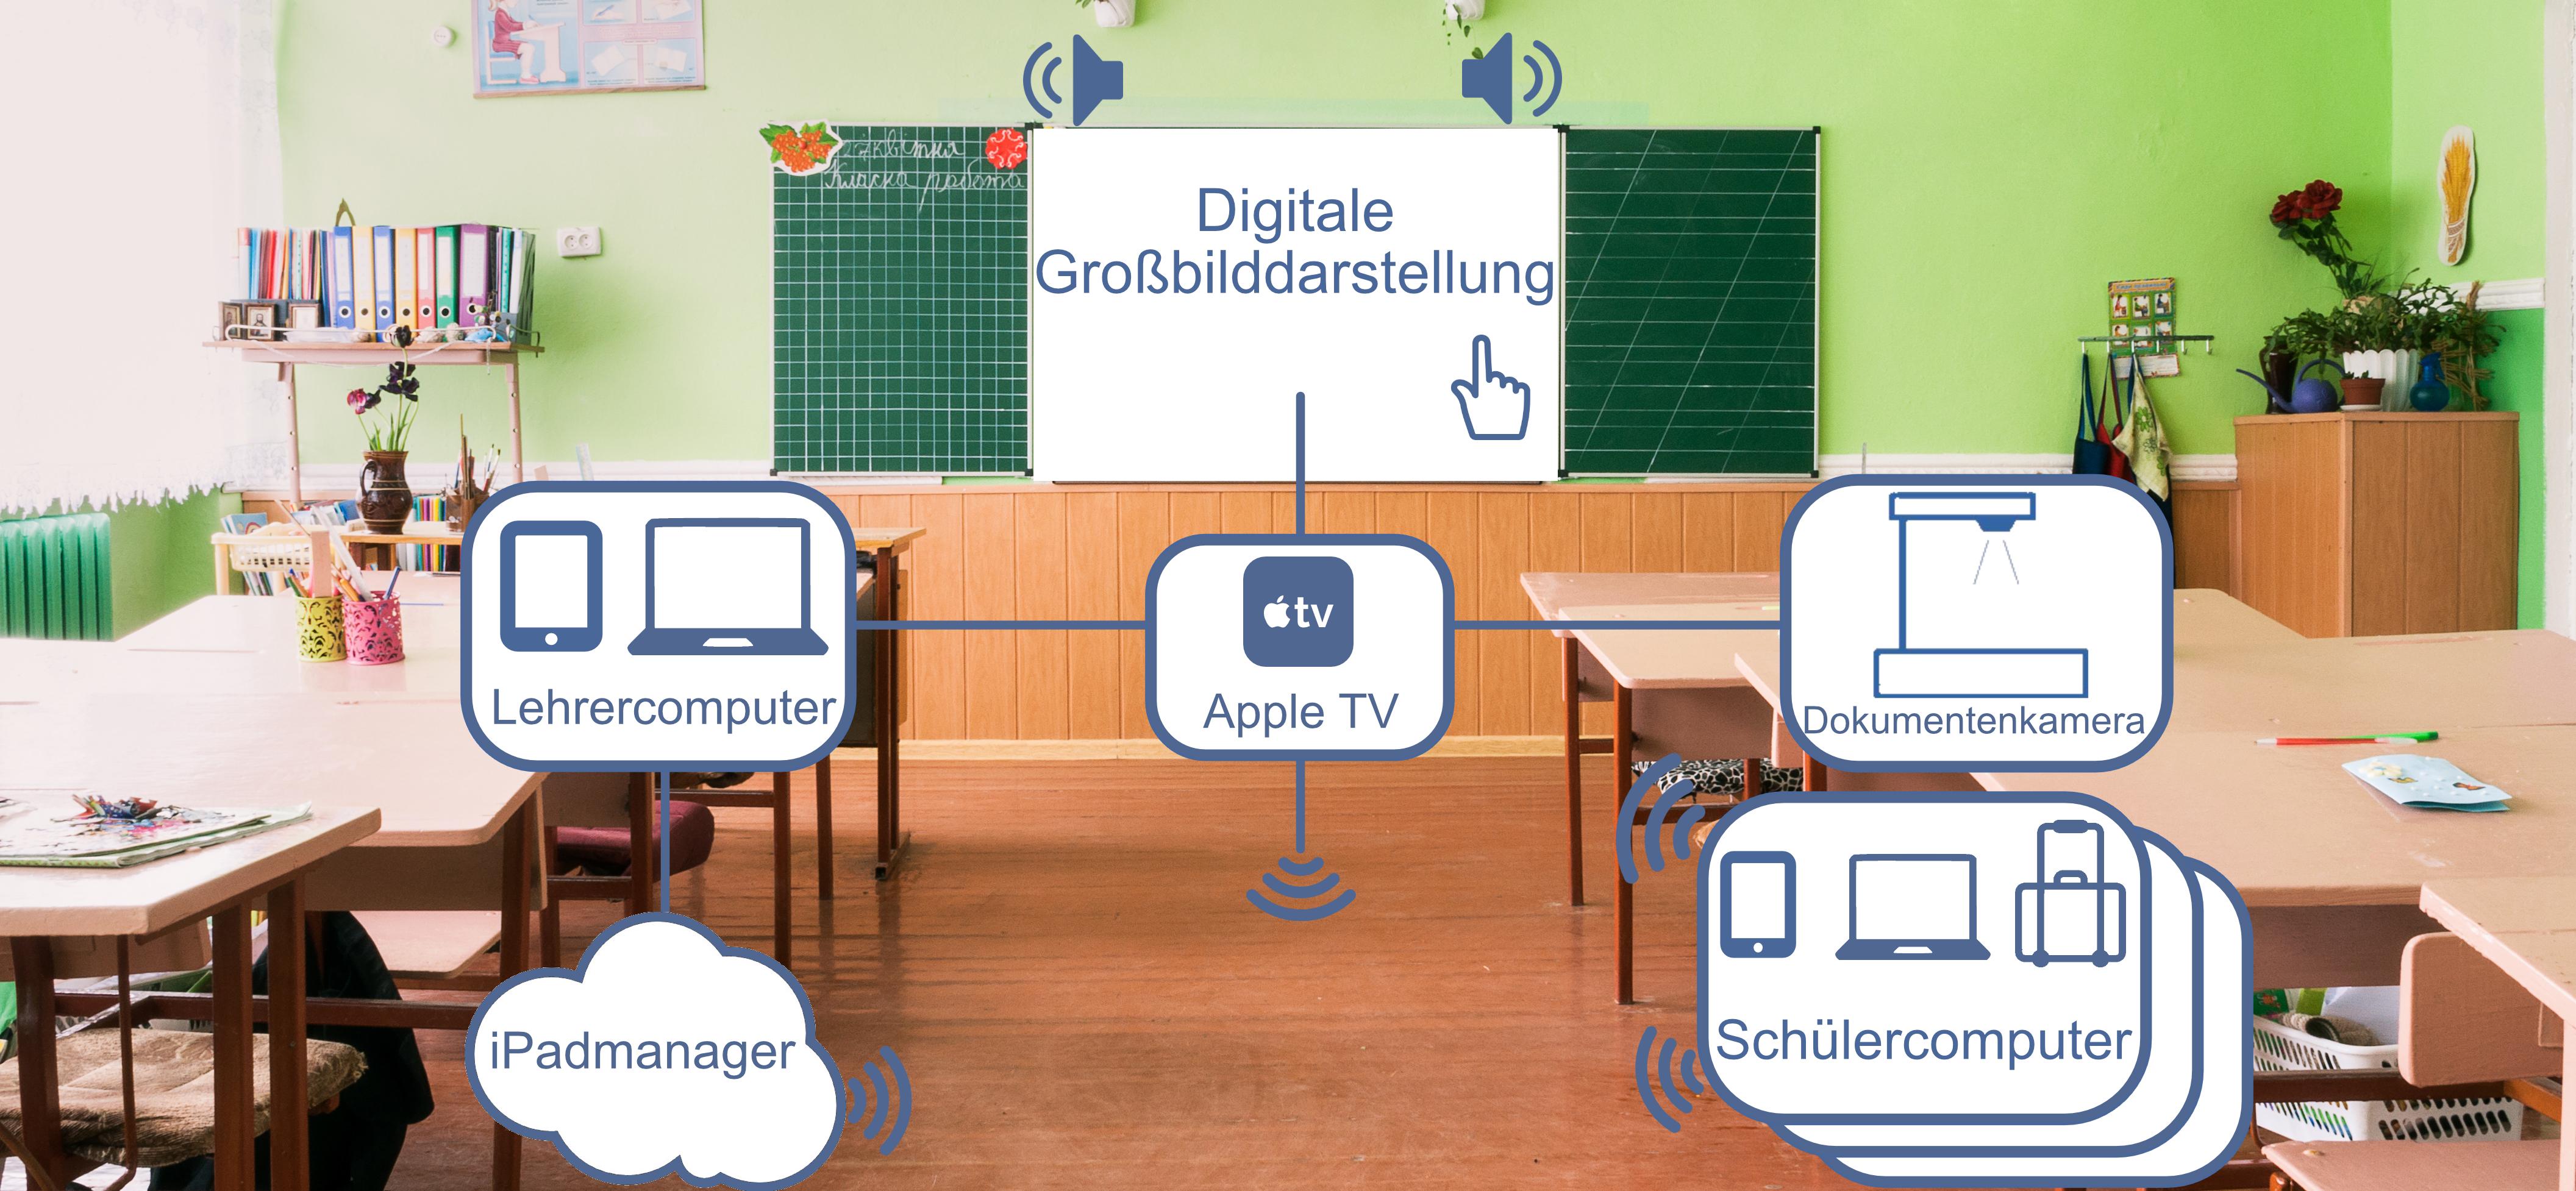 Klassenzimmermodell